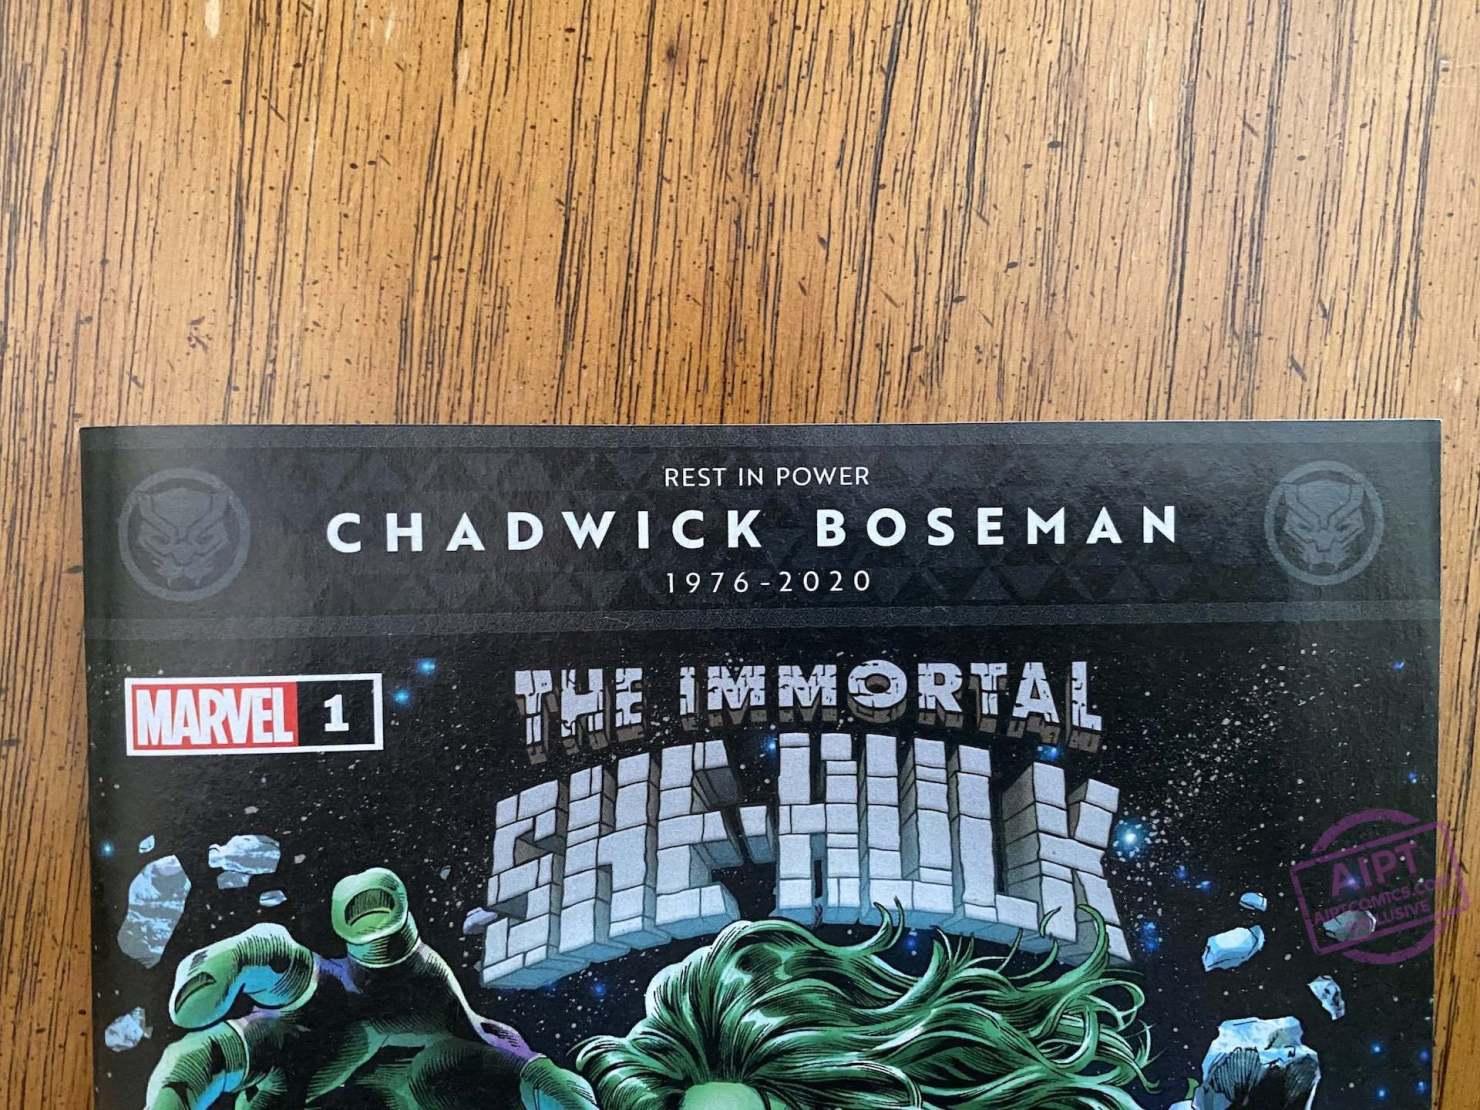 marvel-comics chadwick boseman